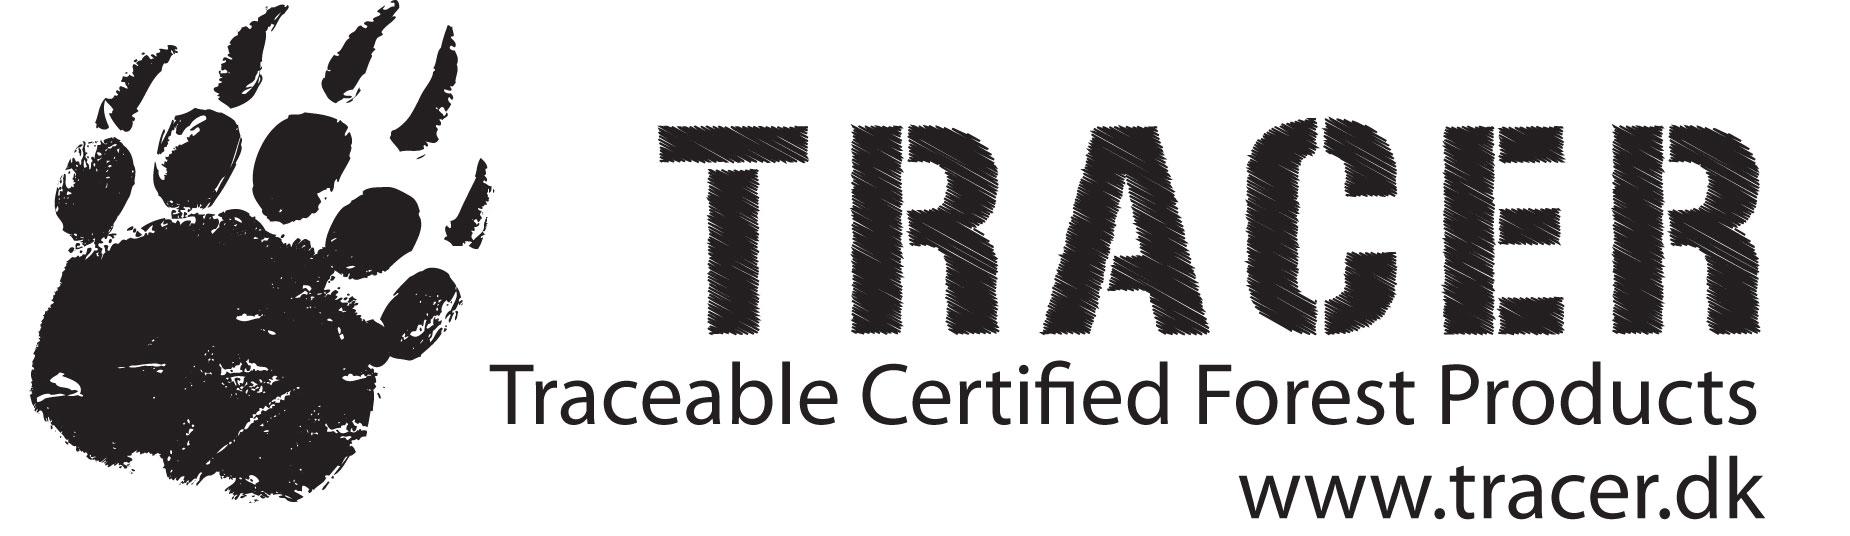 TRACER_logo_sort_final.jpg